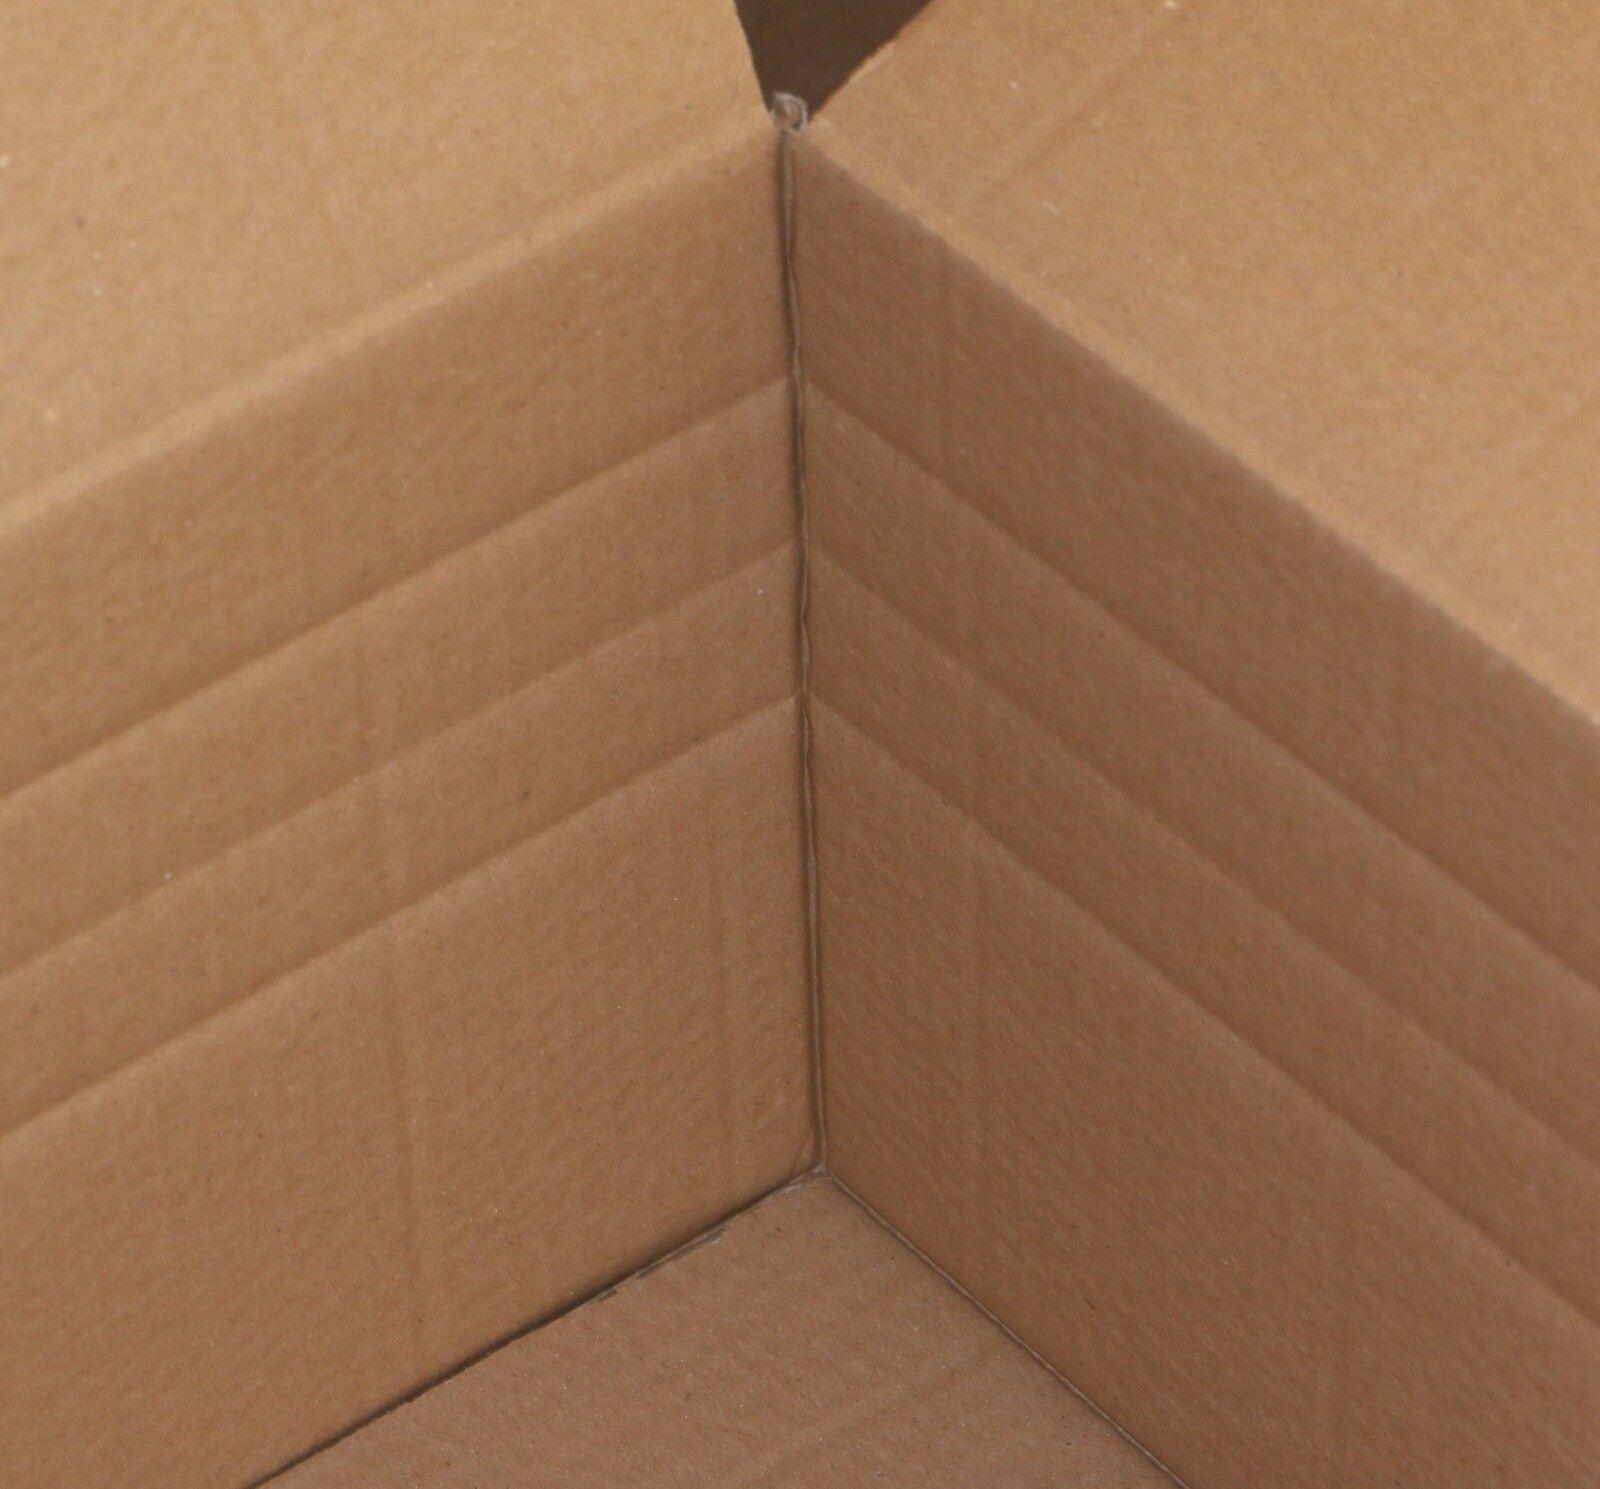 4 Pièce Pliant 1200x600x250 avec 1 Ondulé Marron C-Vague avec 1200x600x250 Höhenrillung Boîte 375d1f